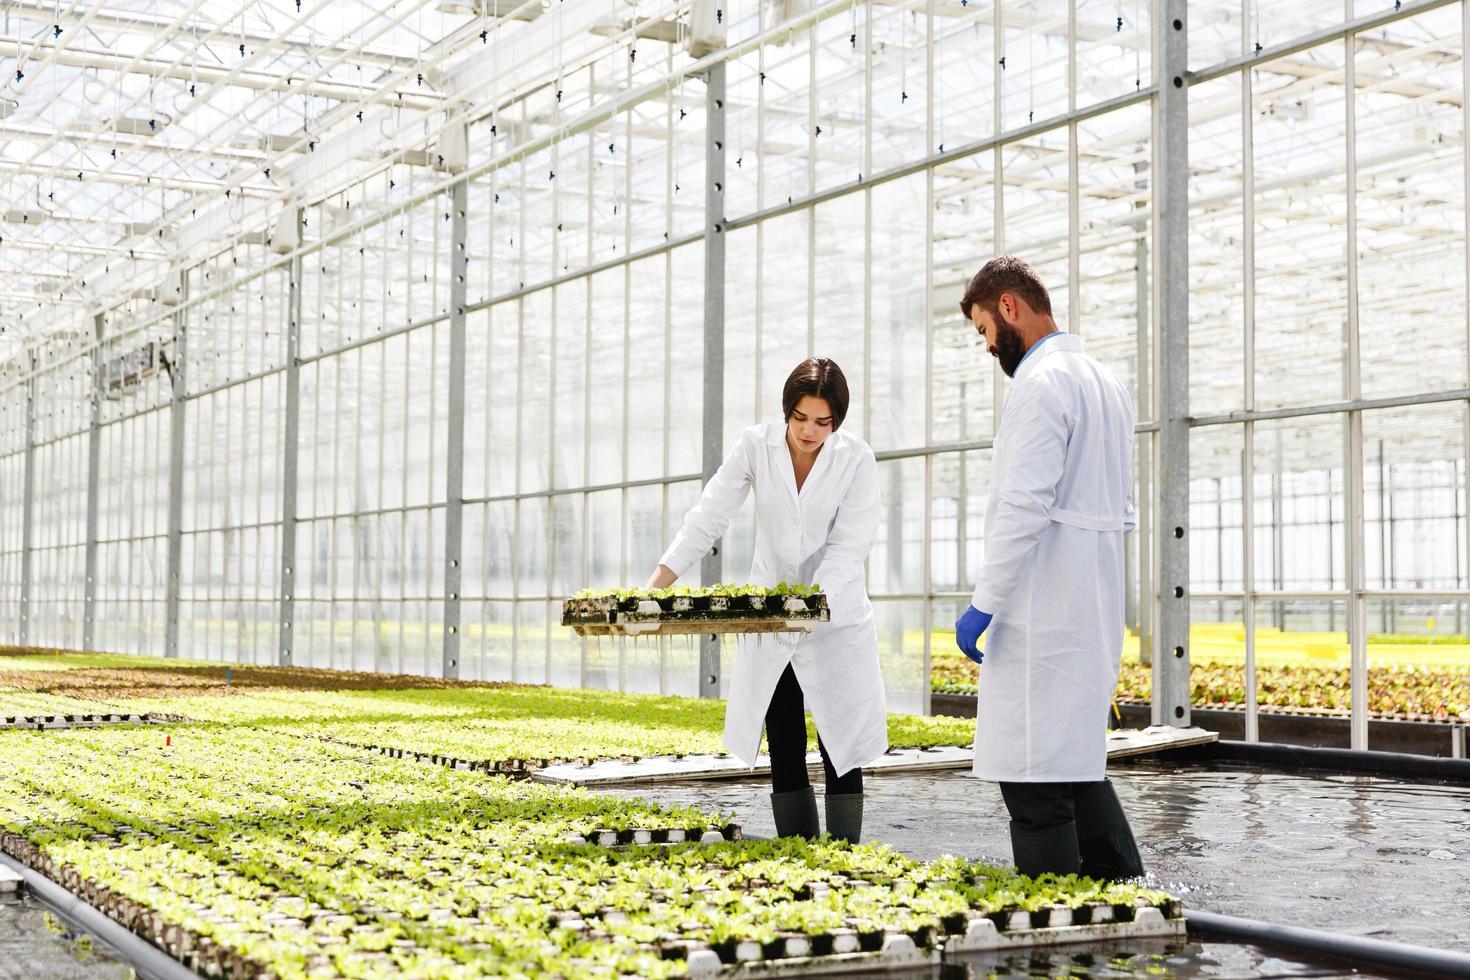 El hombre y la mujer en batas de laboratorio trabajan con plantas en un invernadero foto